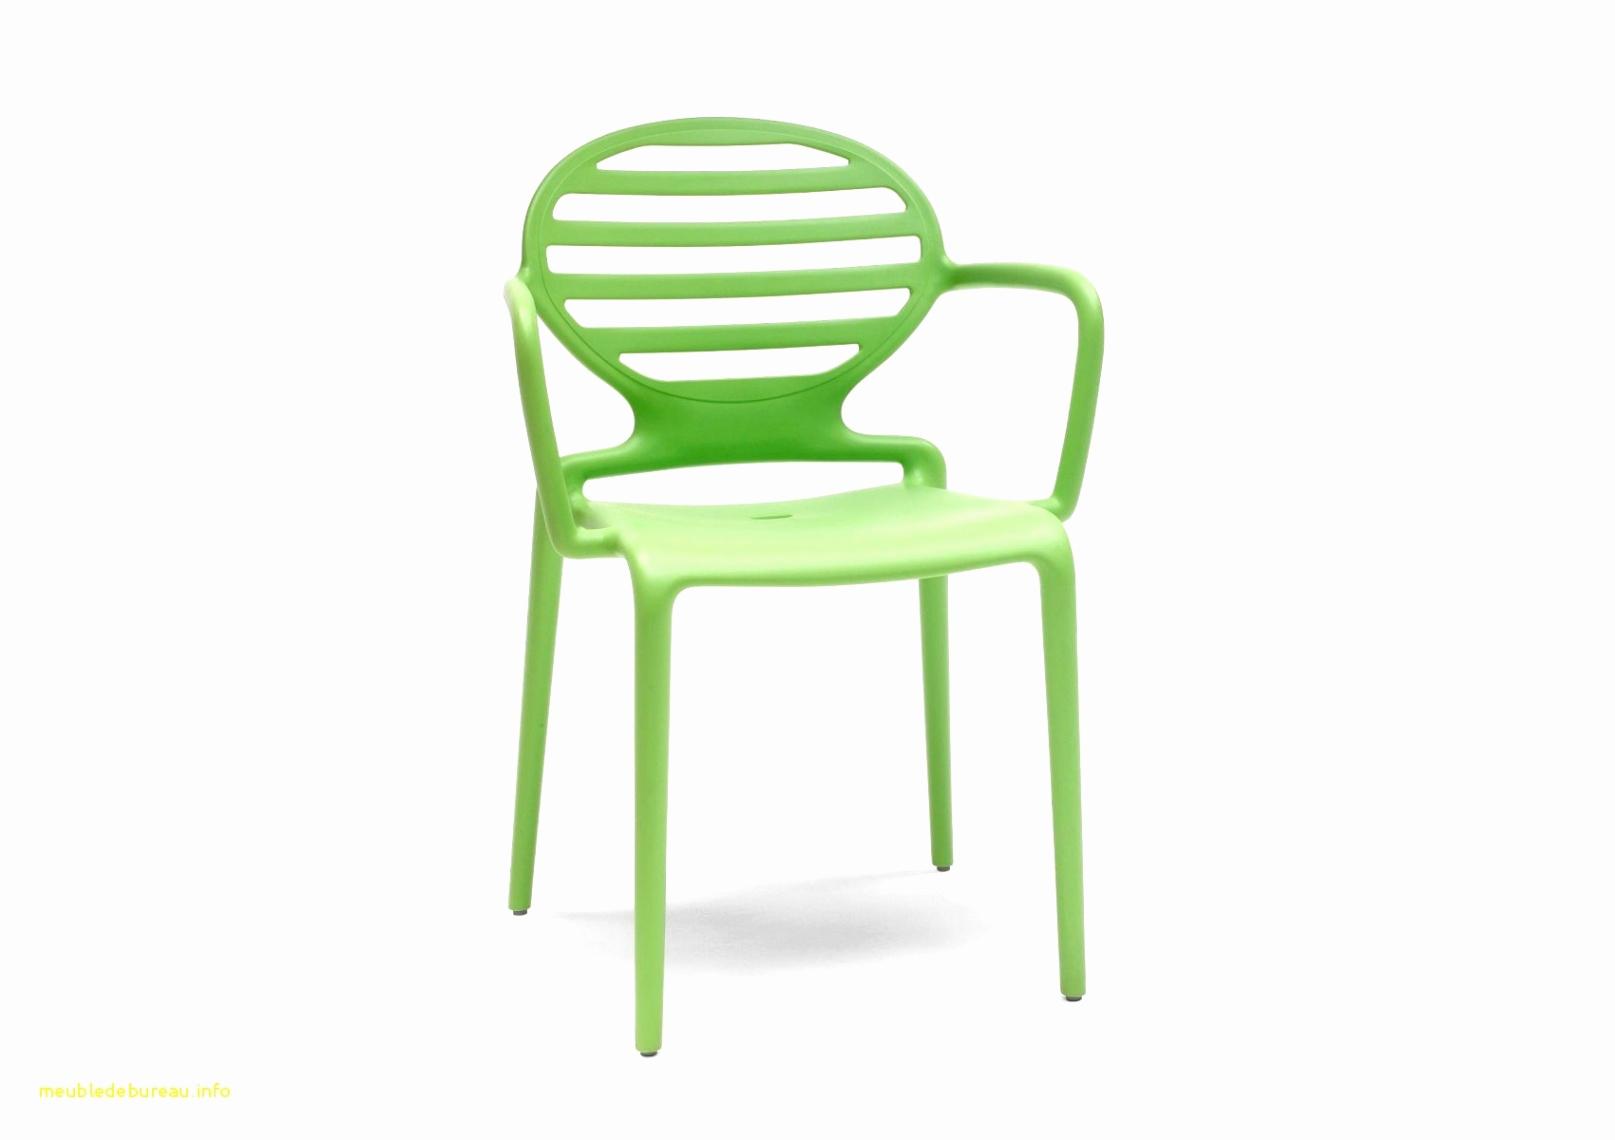 Fauteuil Salon Frais Chaise De Salon Pas Cher Beau Chaise Design Cuir Chaise Of 28 Best Of Fauteuil Salon